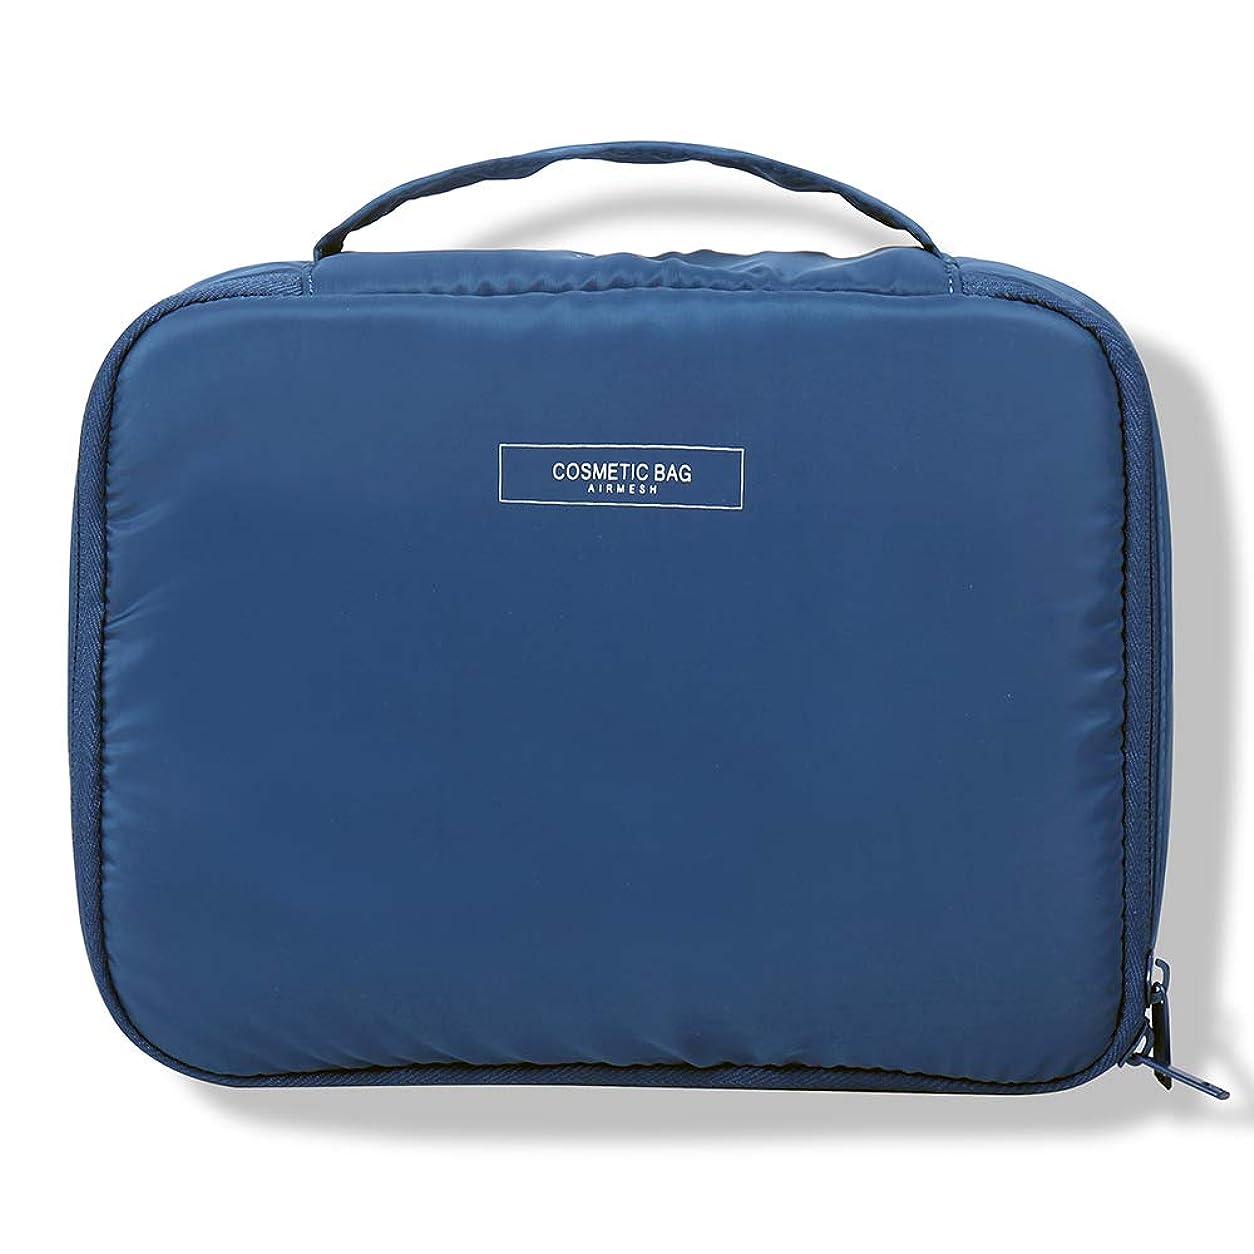 チョコレート入る早めるメイクボックス 高品質 機能的 大容量 化粧ポーチ メイクブラシバッグ 収納ケース スーツケース?トラベルバッグ 化粧 バッグ メイクブラシ 化粧道具 小物入れ 旅行 ネビー